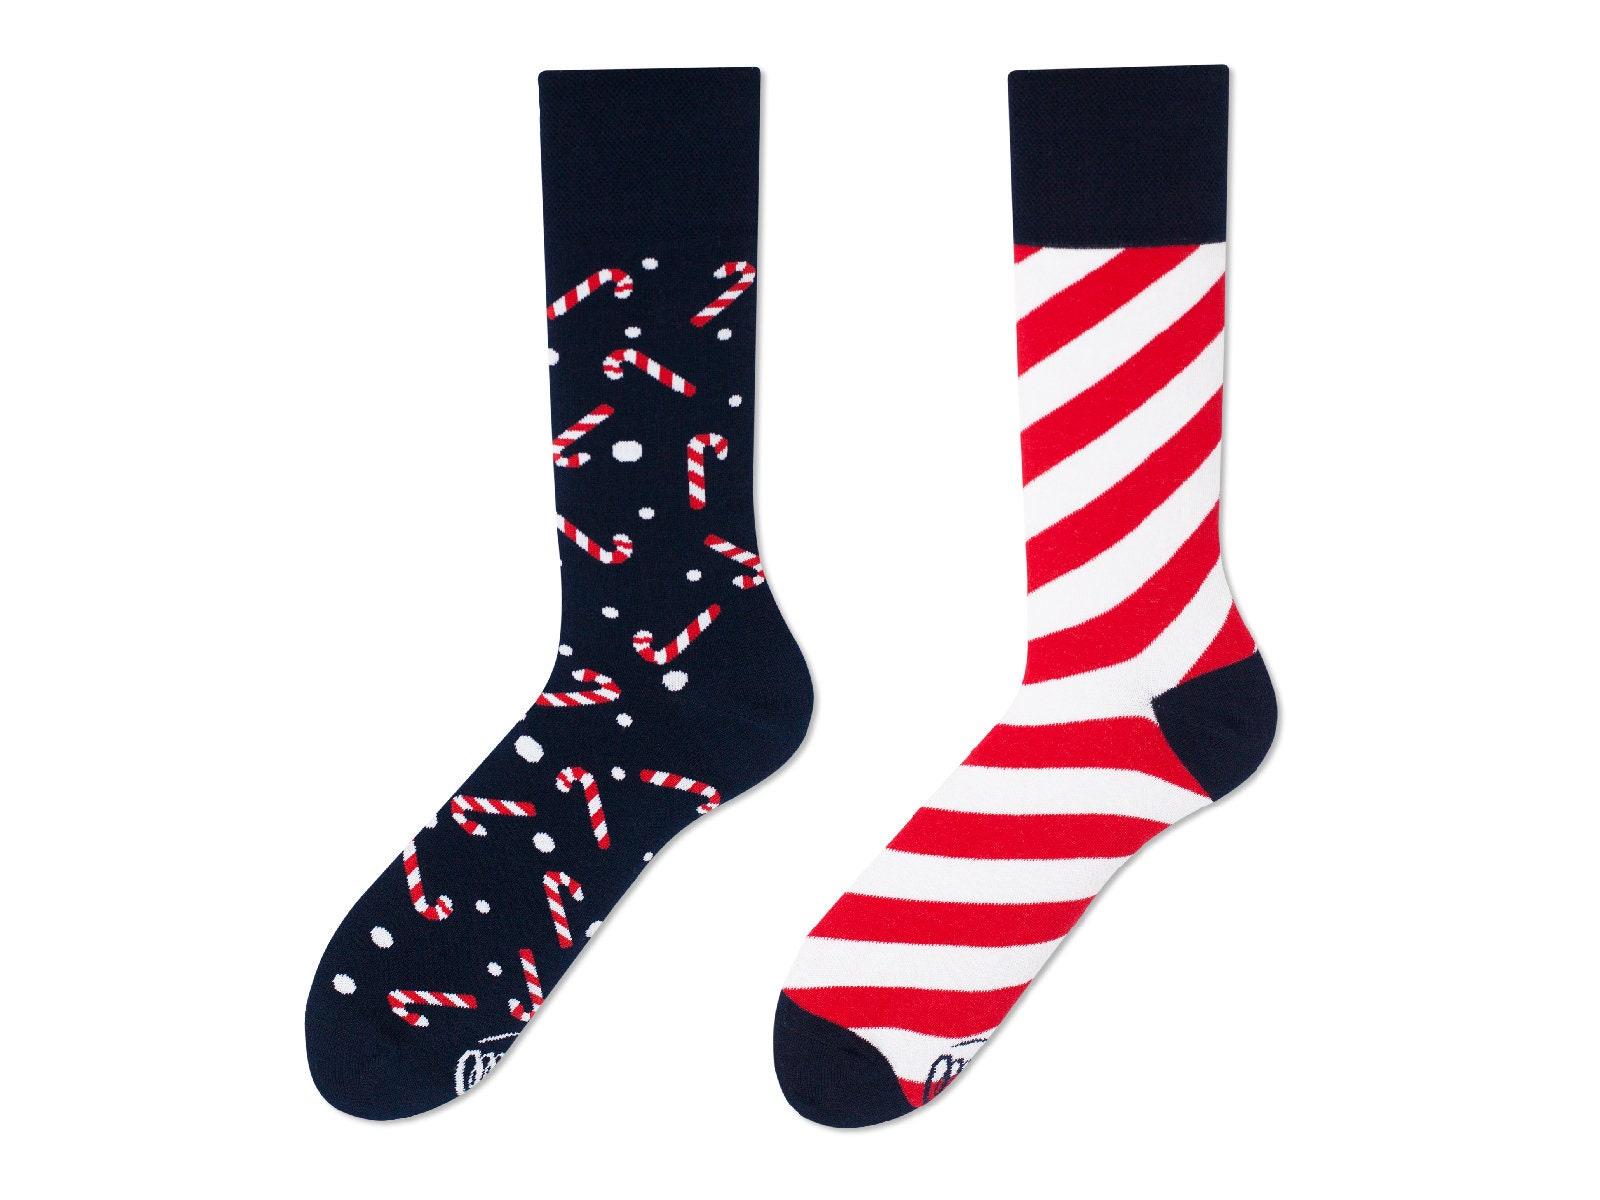 Süße Weihnachten Socken Winter Socken bunte Socken | Etsy